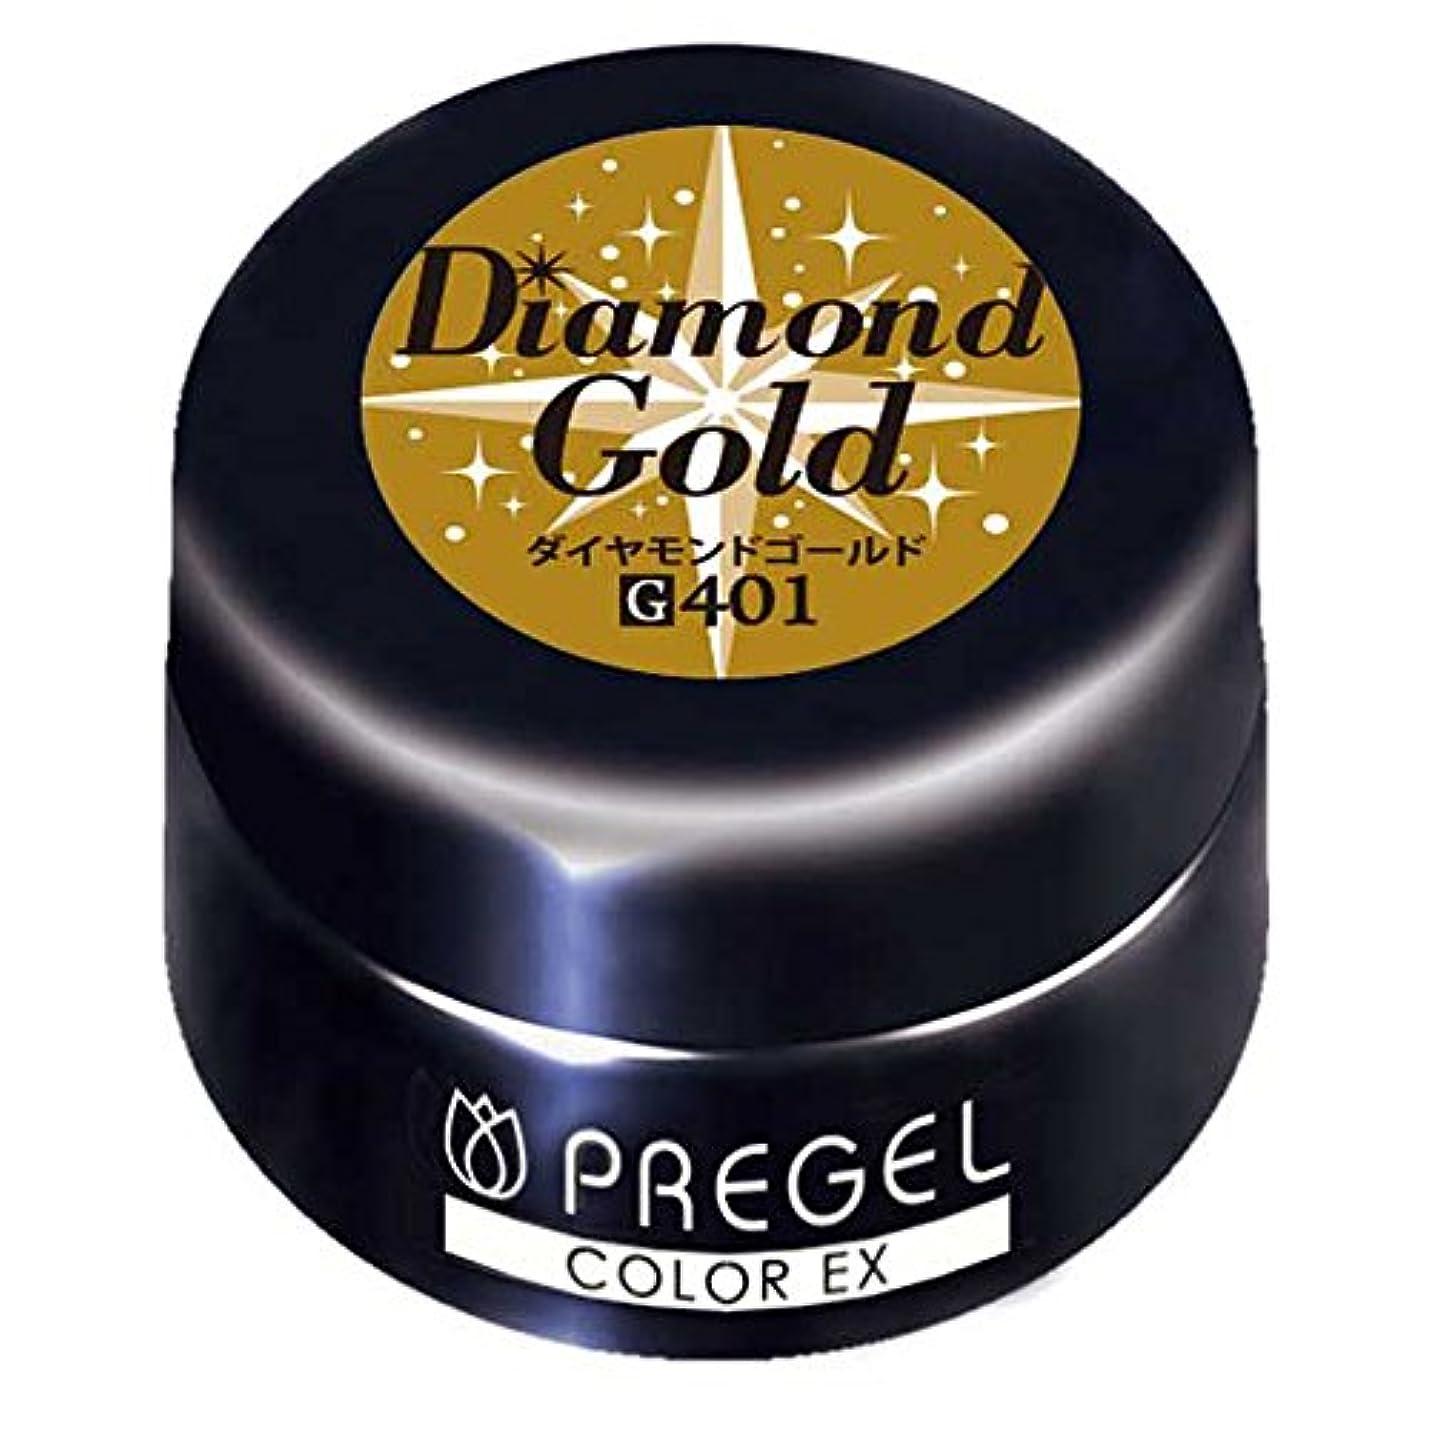 チャールズキージング反発する毛皮PRE GEL カラーEX ダイヤモンドゴールドCE401 UV/LED対応 カラージェル